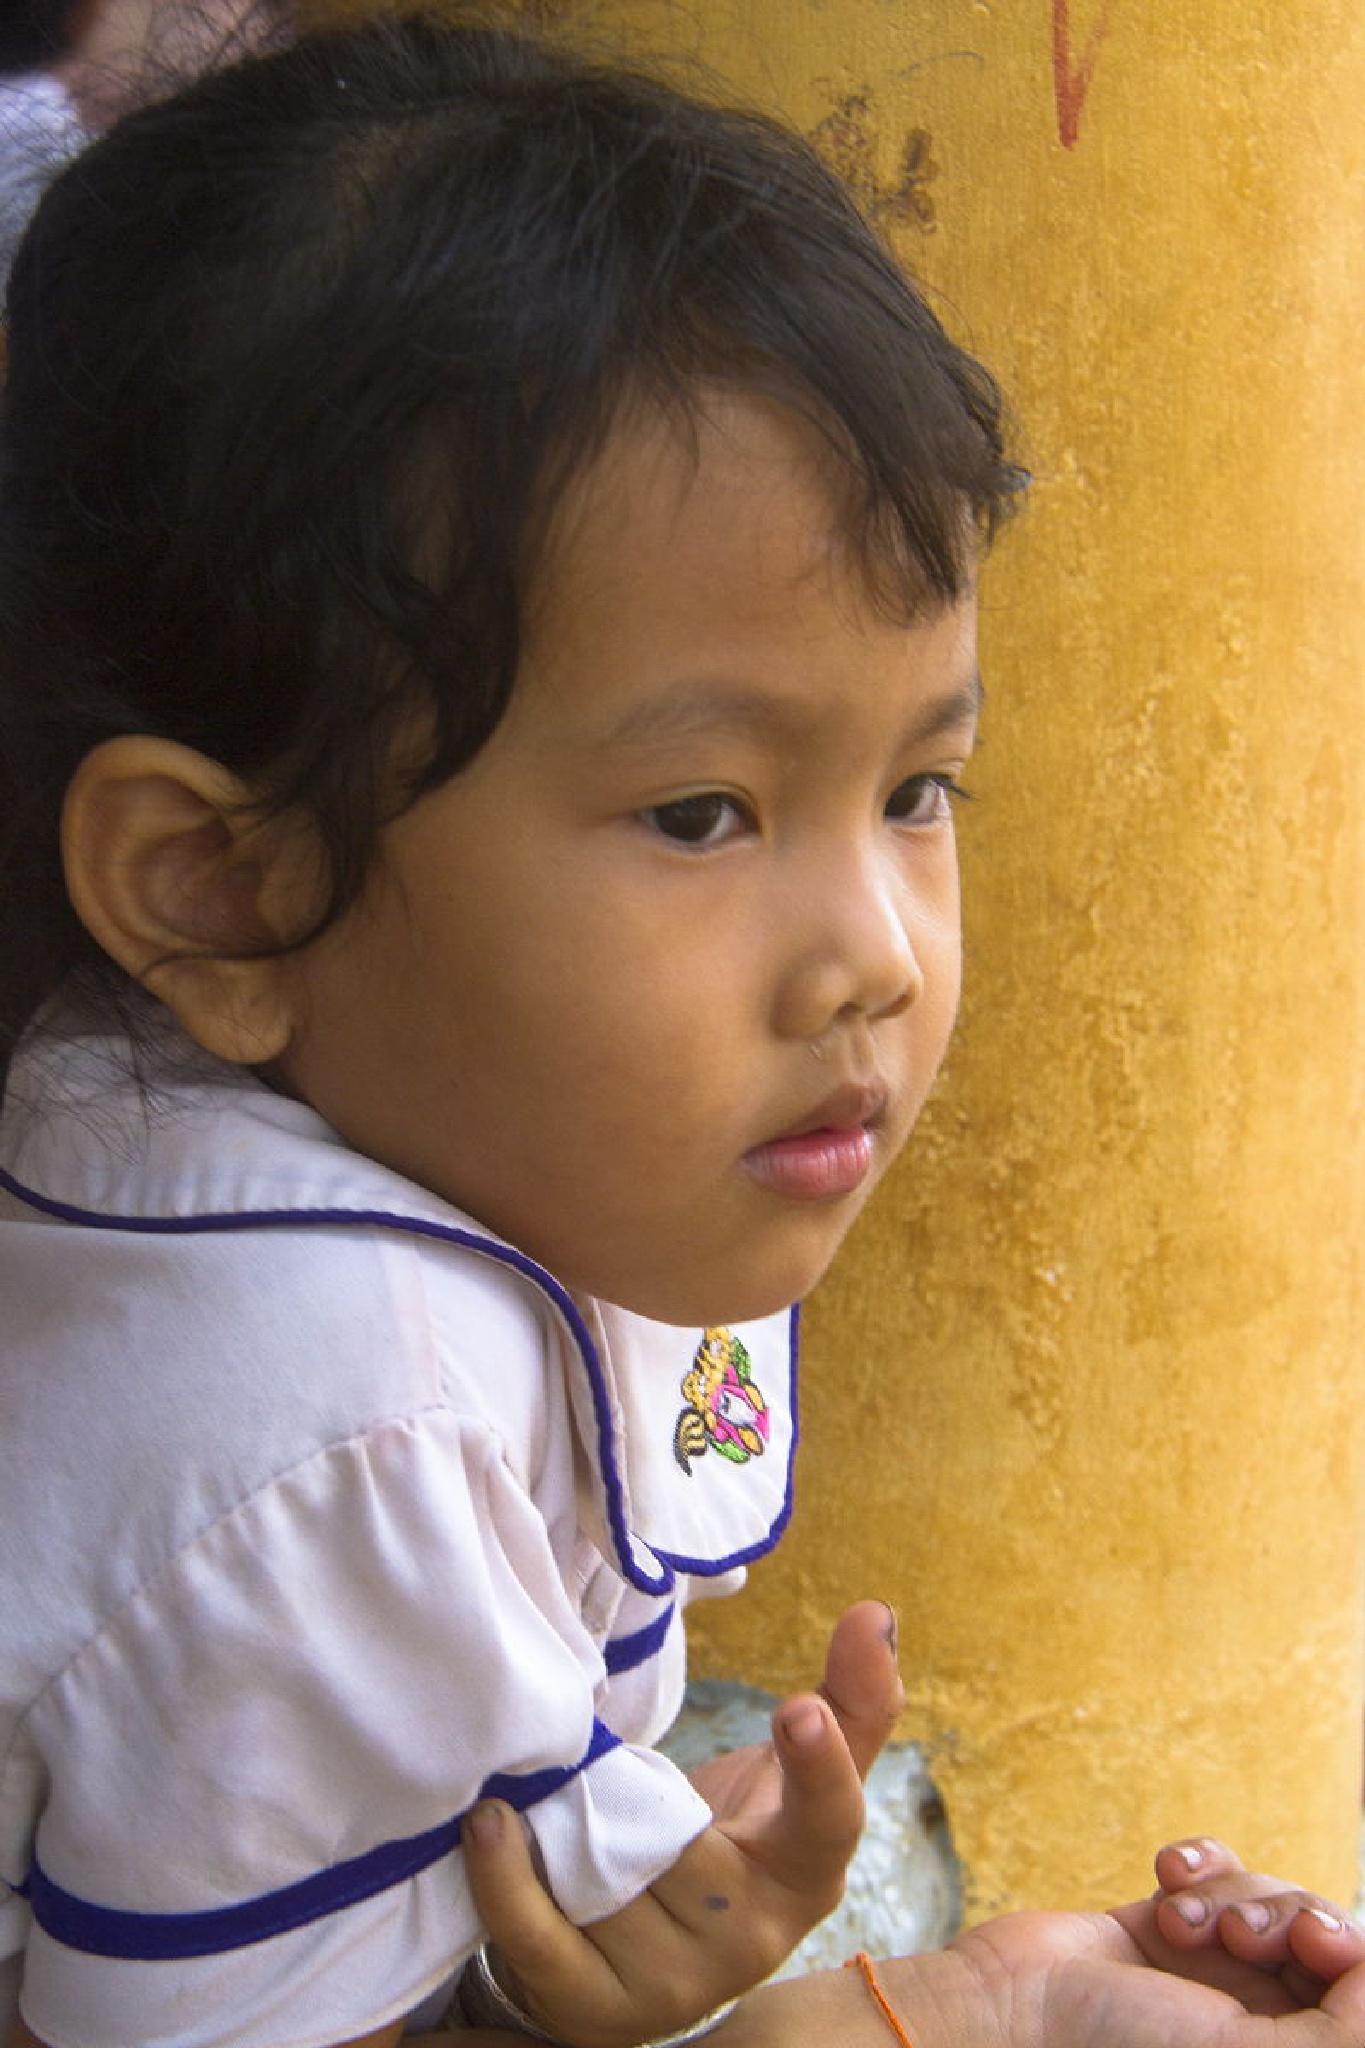 カンボジアの肖像201051114A by wwfax photography